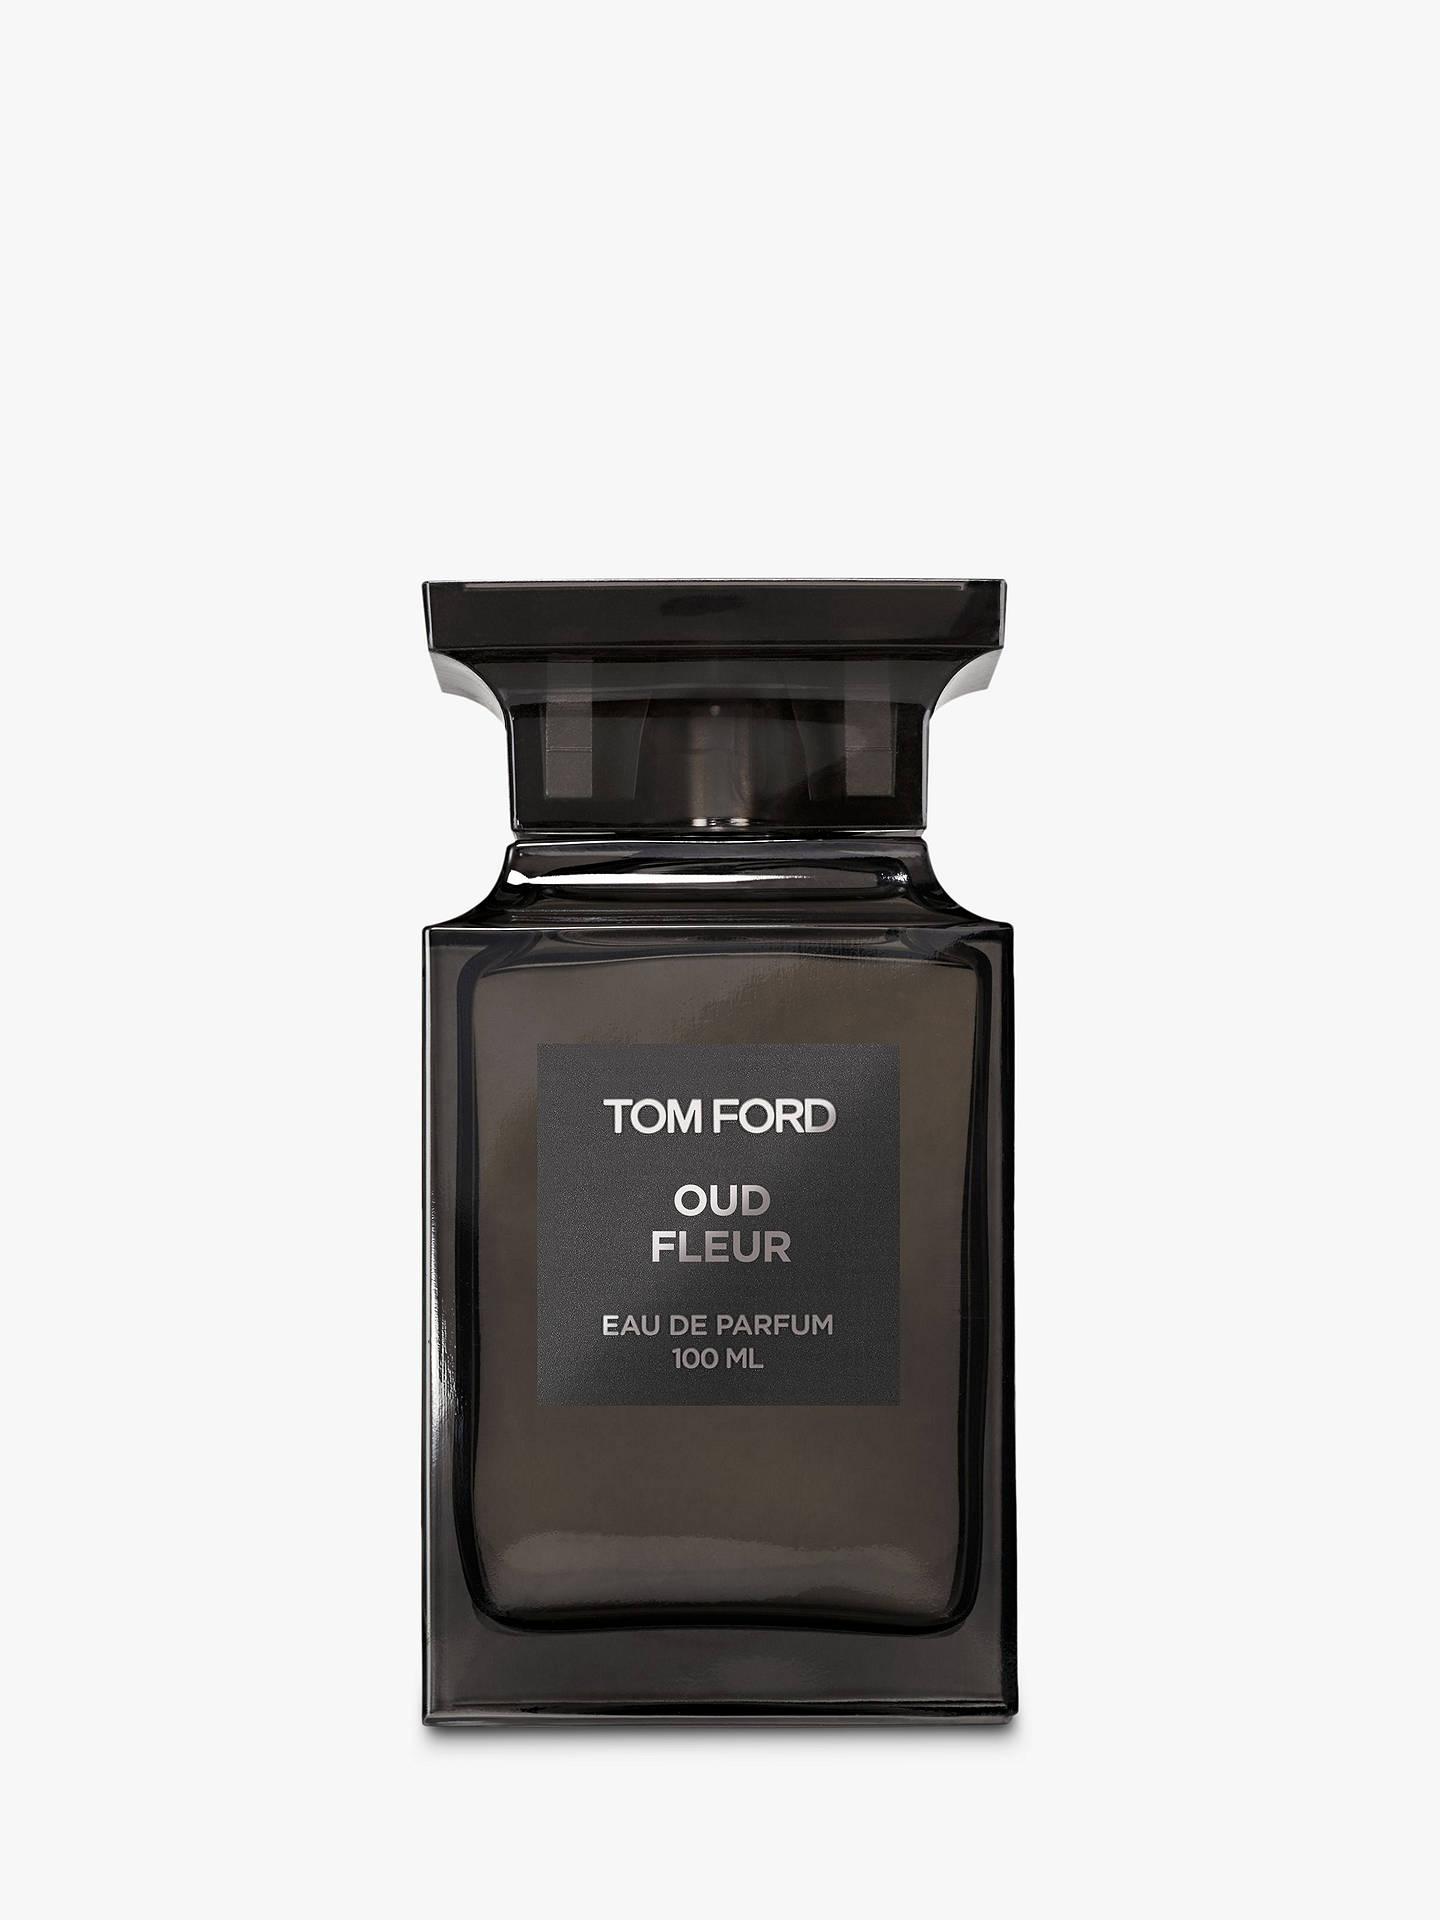 b677b11a1b1e TOM FORD Private Blend Oud Fleur Eau De Parfum, 100ml